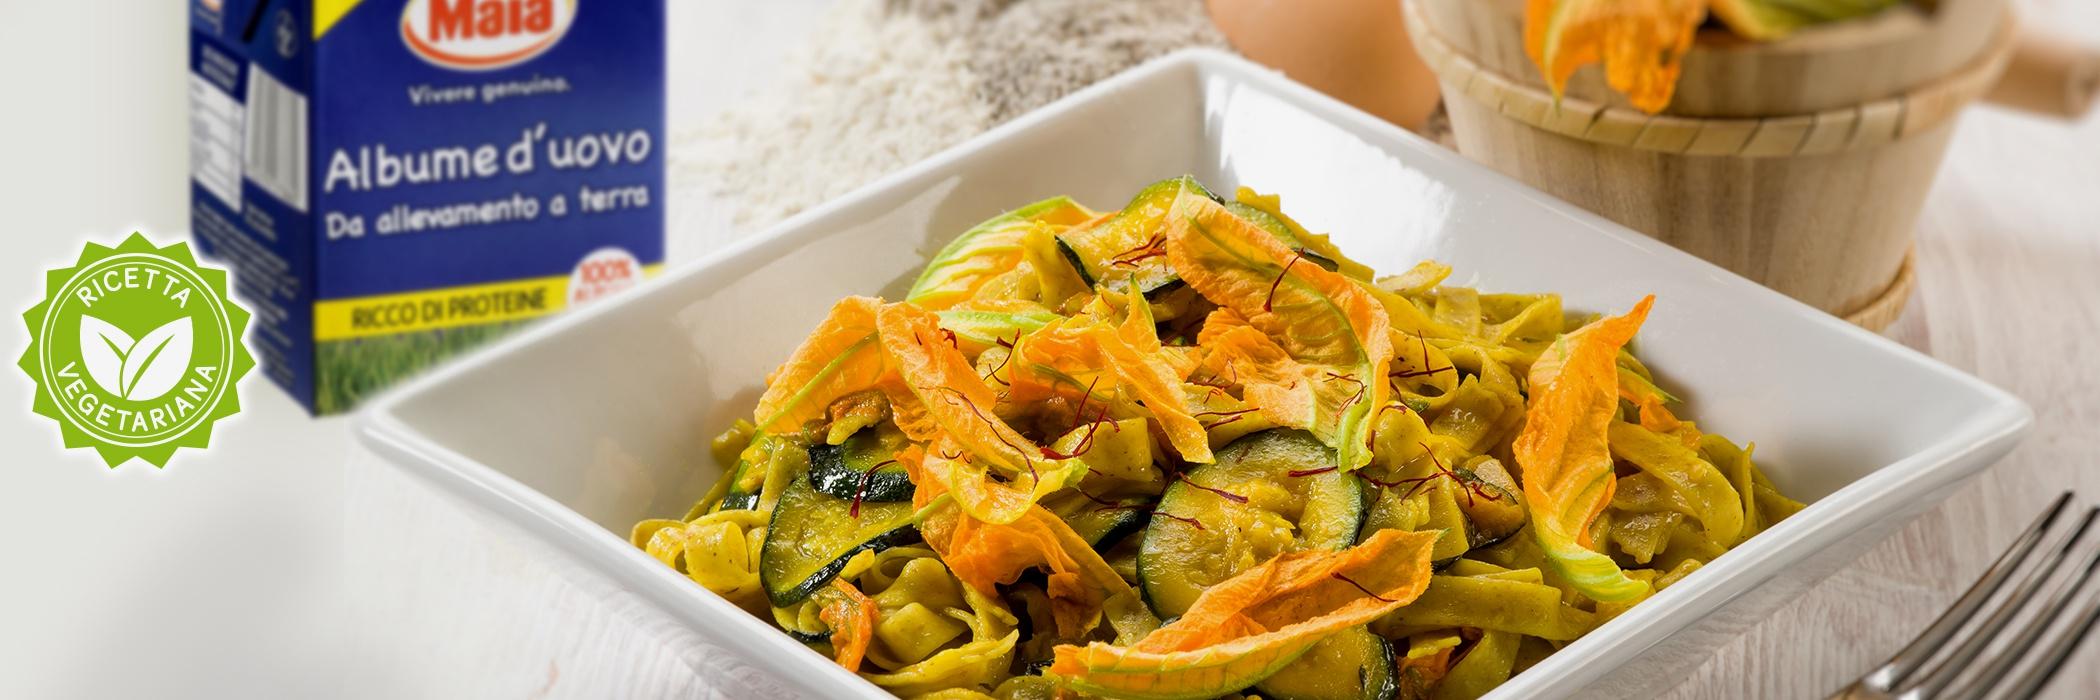 tagliatelle albume fiori di zucca e zucchine